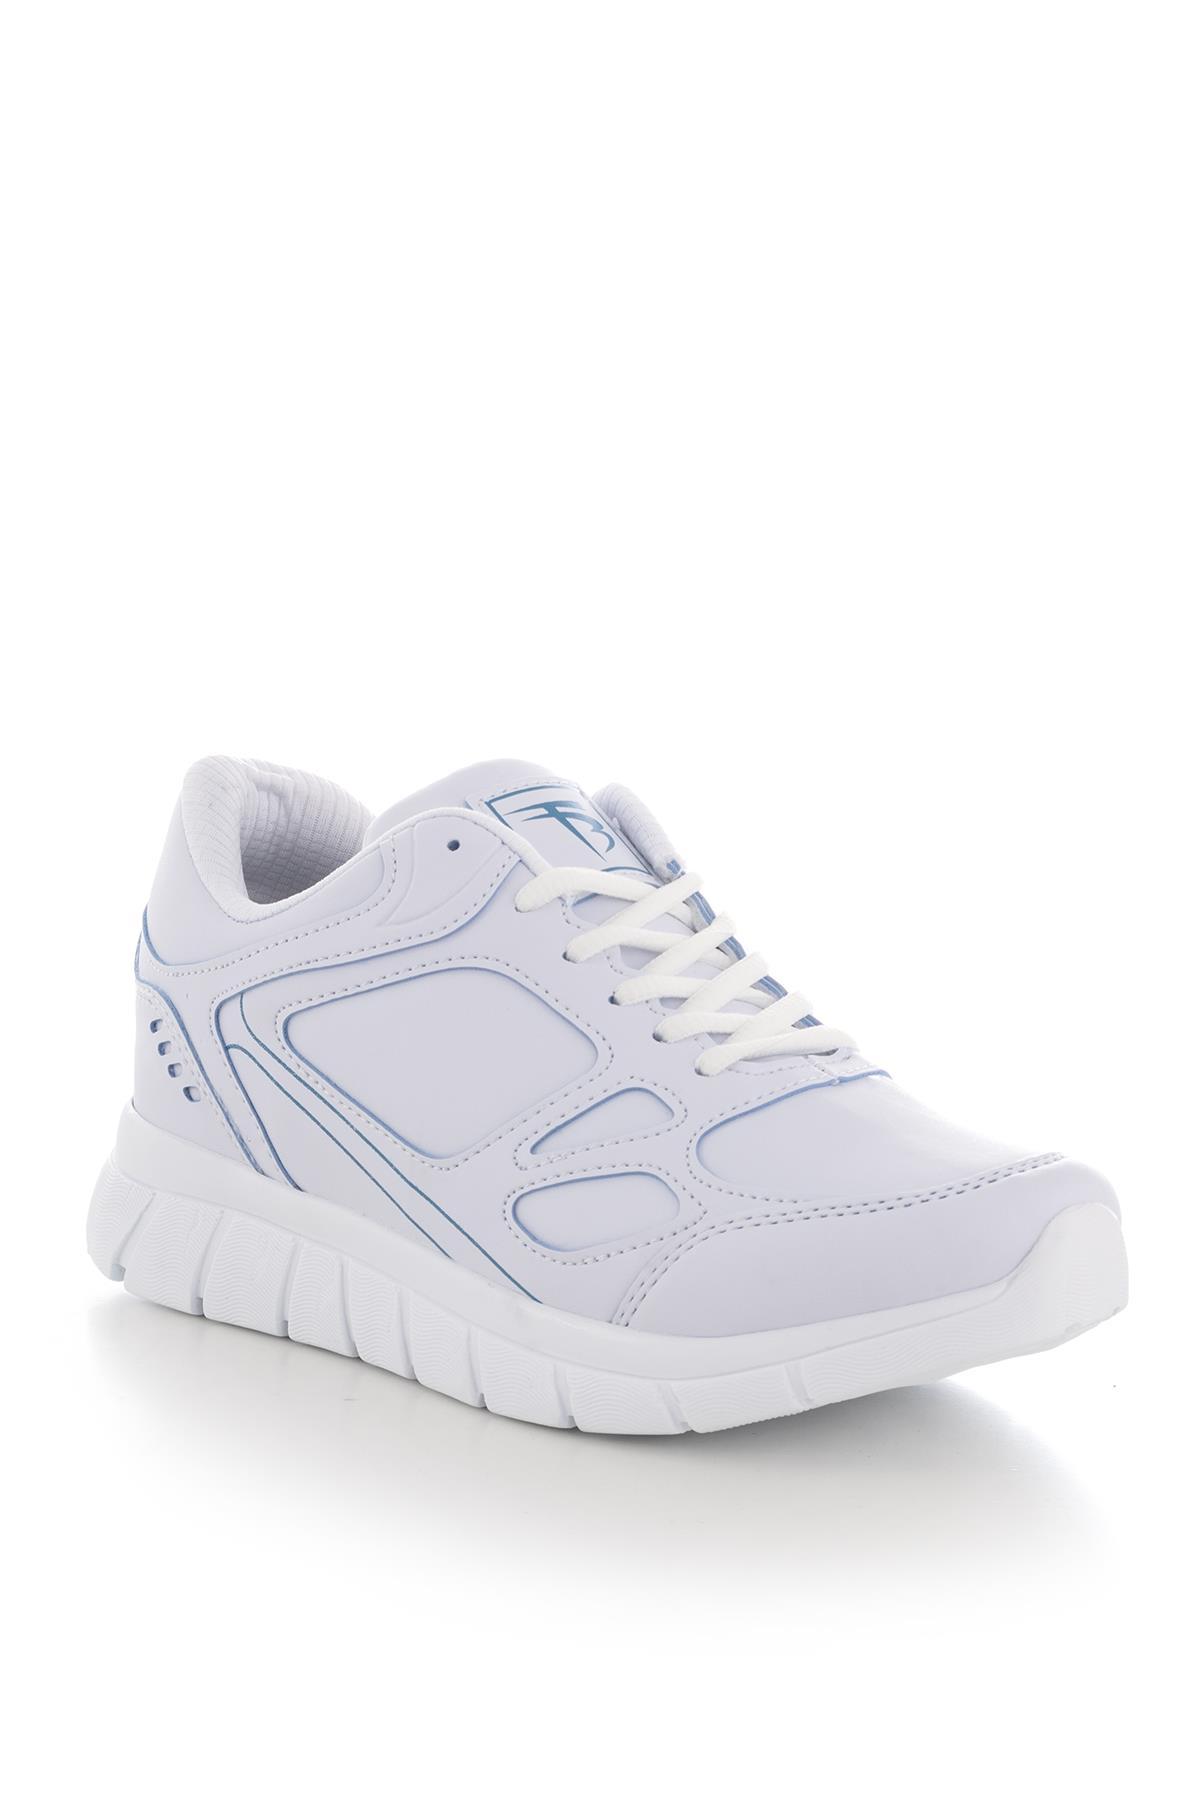 حذاء رياضة أزرق أبيض للجنسين